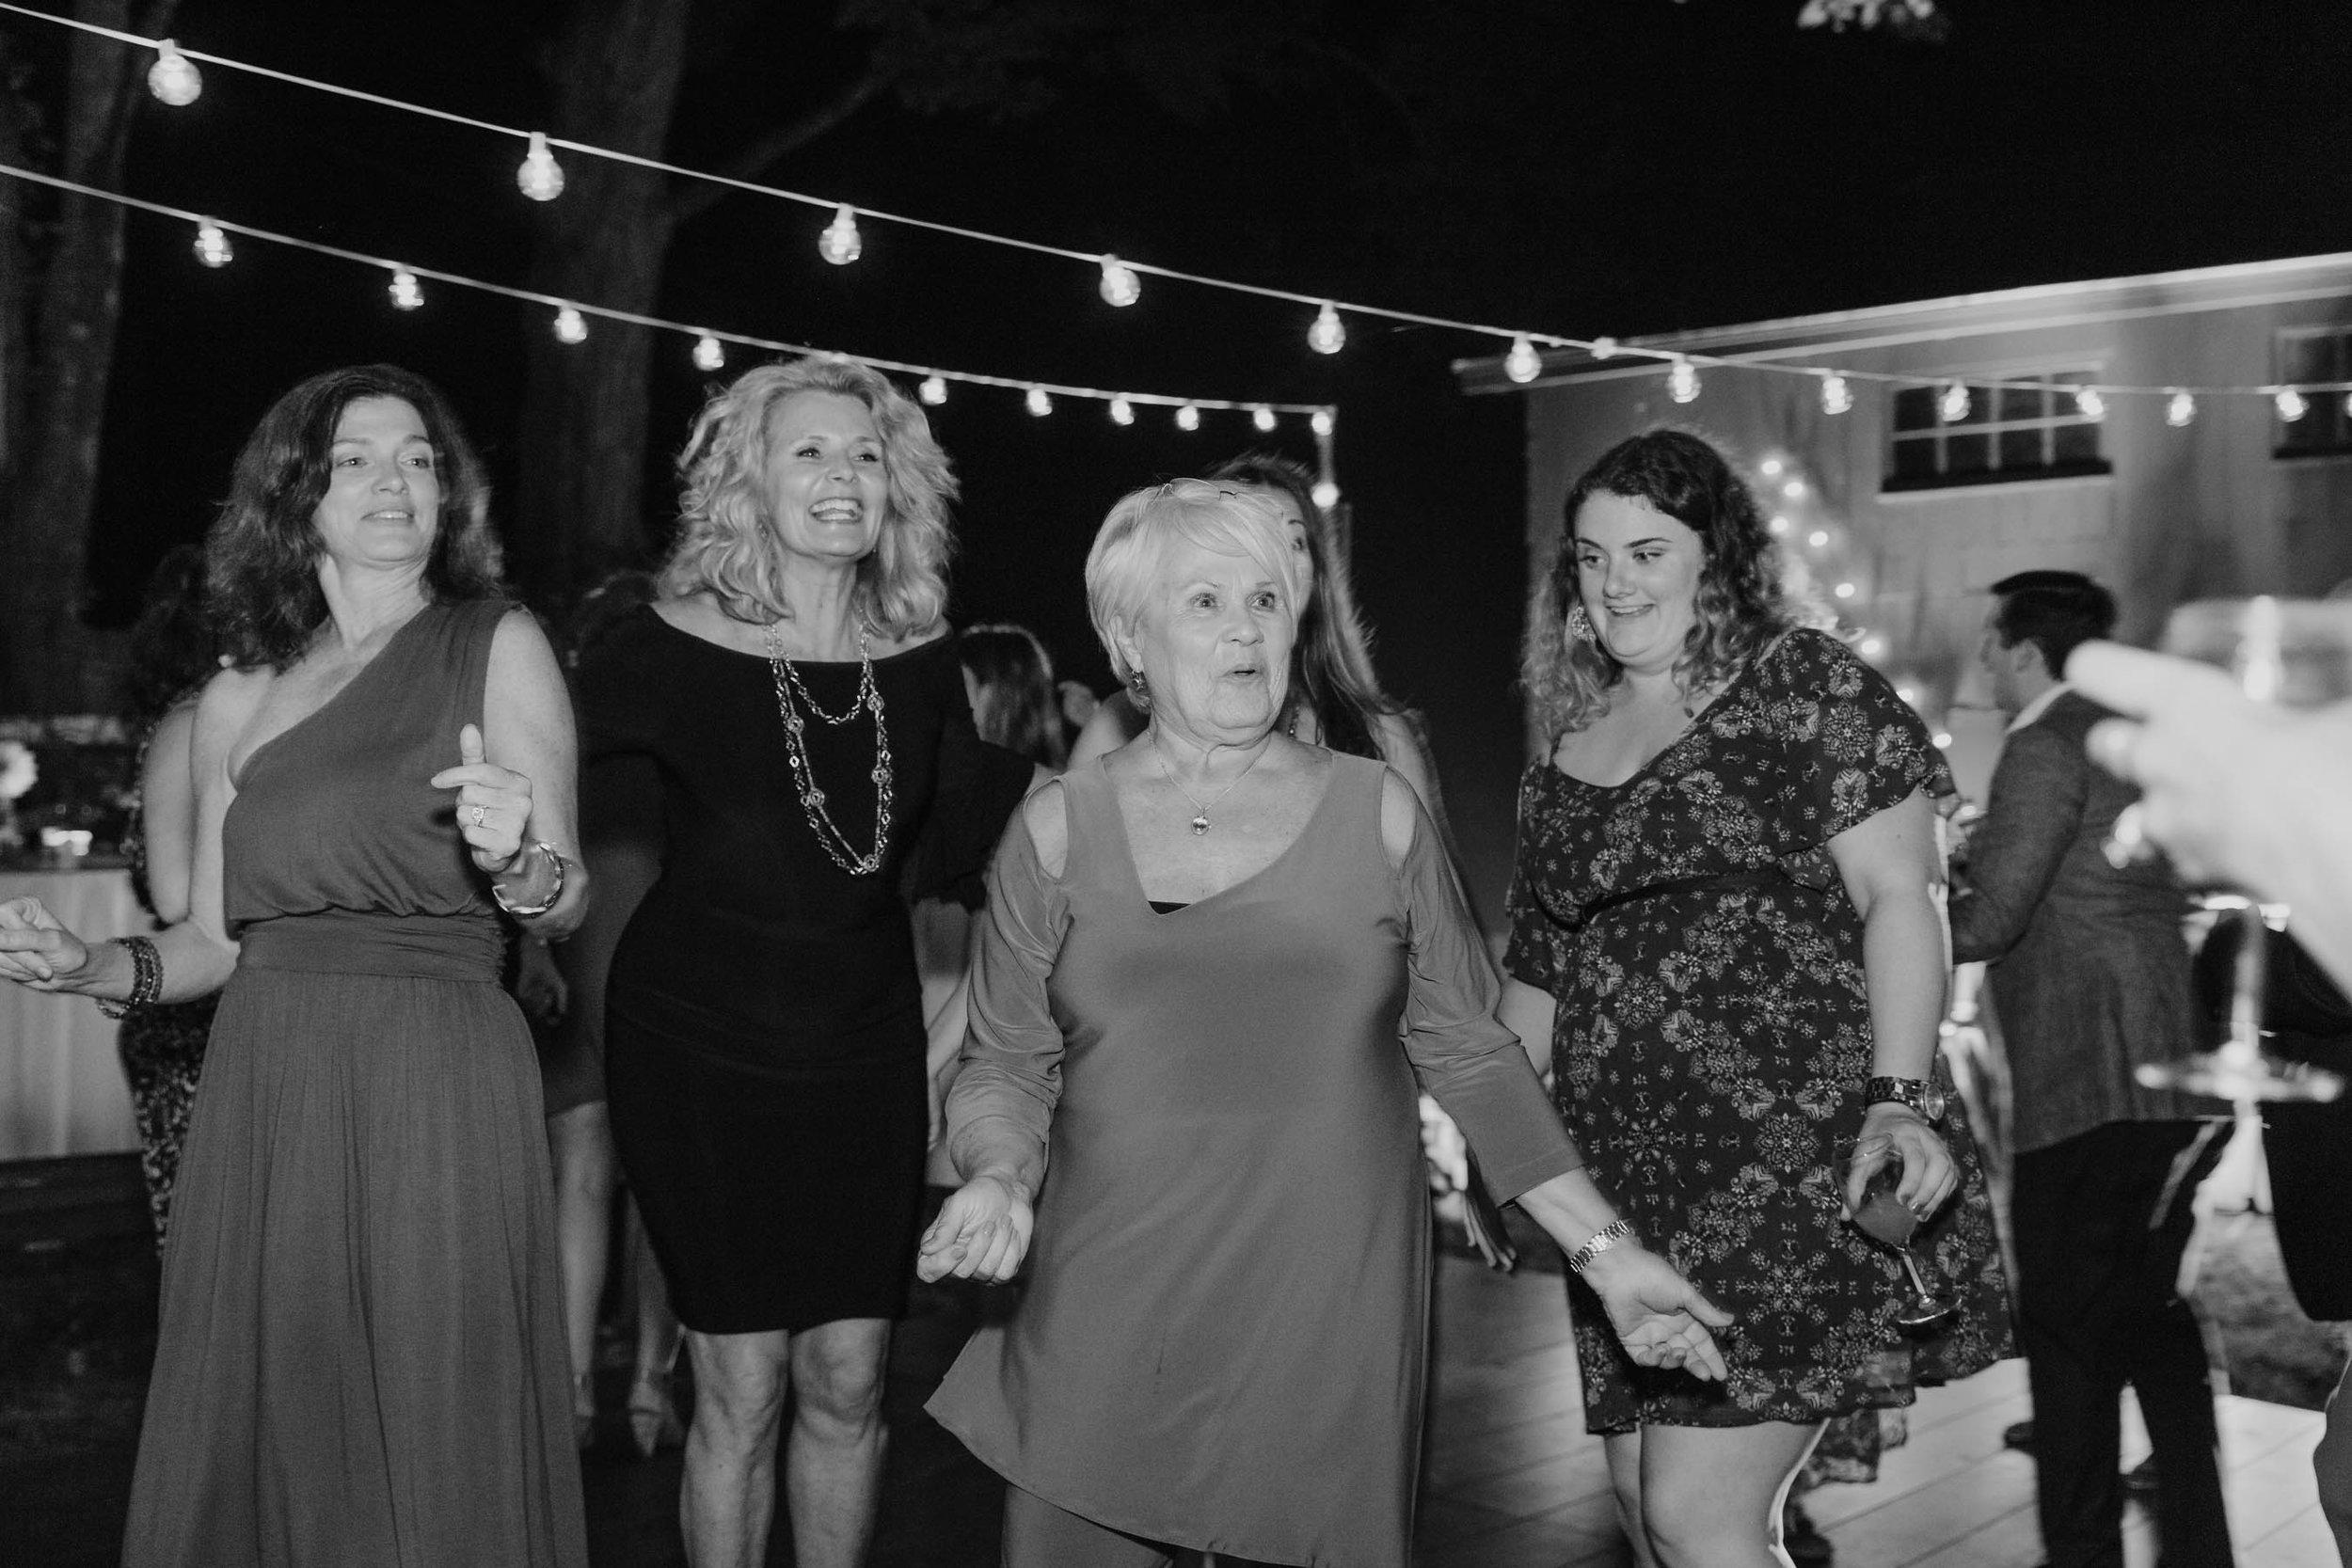 fairfield-county-connecticut-backyard-wedding-photographer--89.jpg